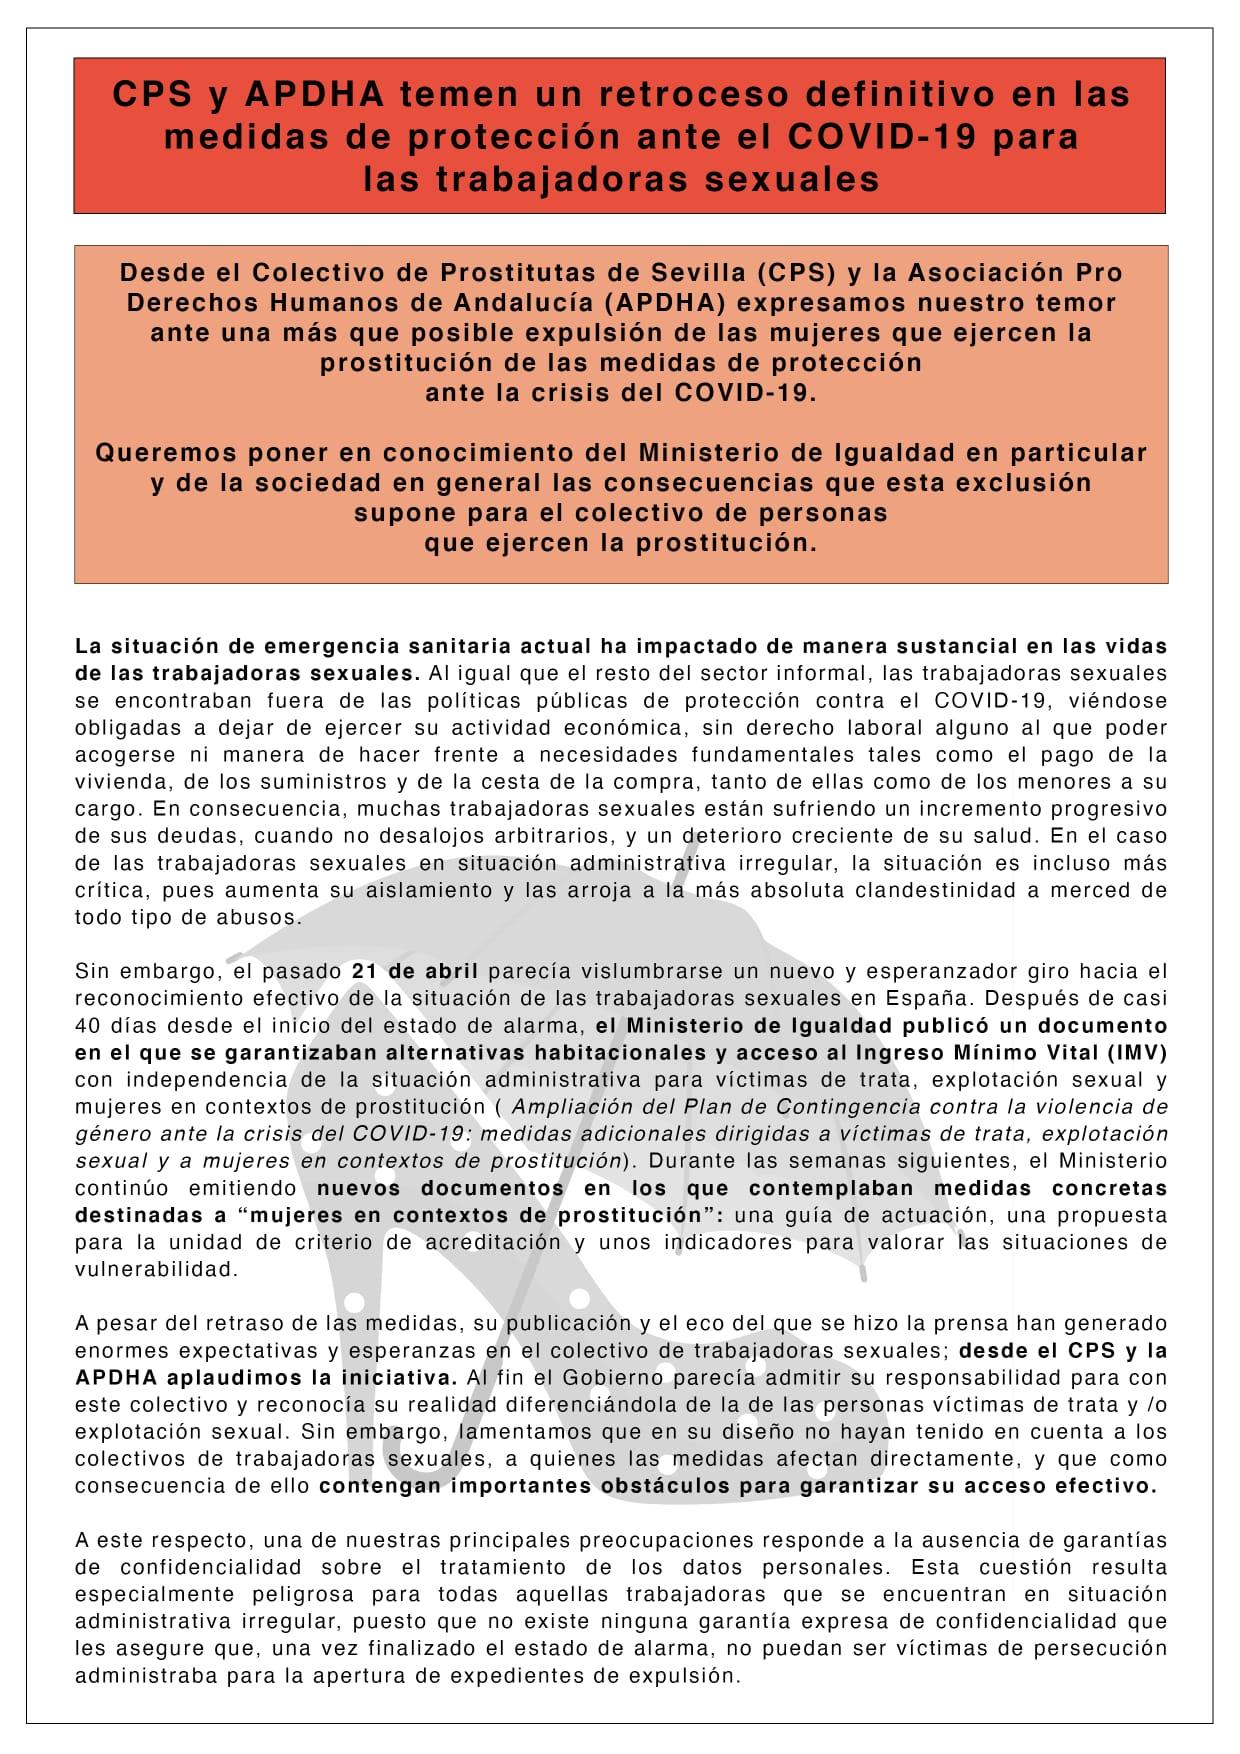 CPS y APDHA temen un retroceso definitivo en las medidas de protección ante el COVID-19 para las trabajadoras sexuales